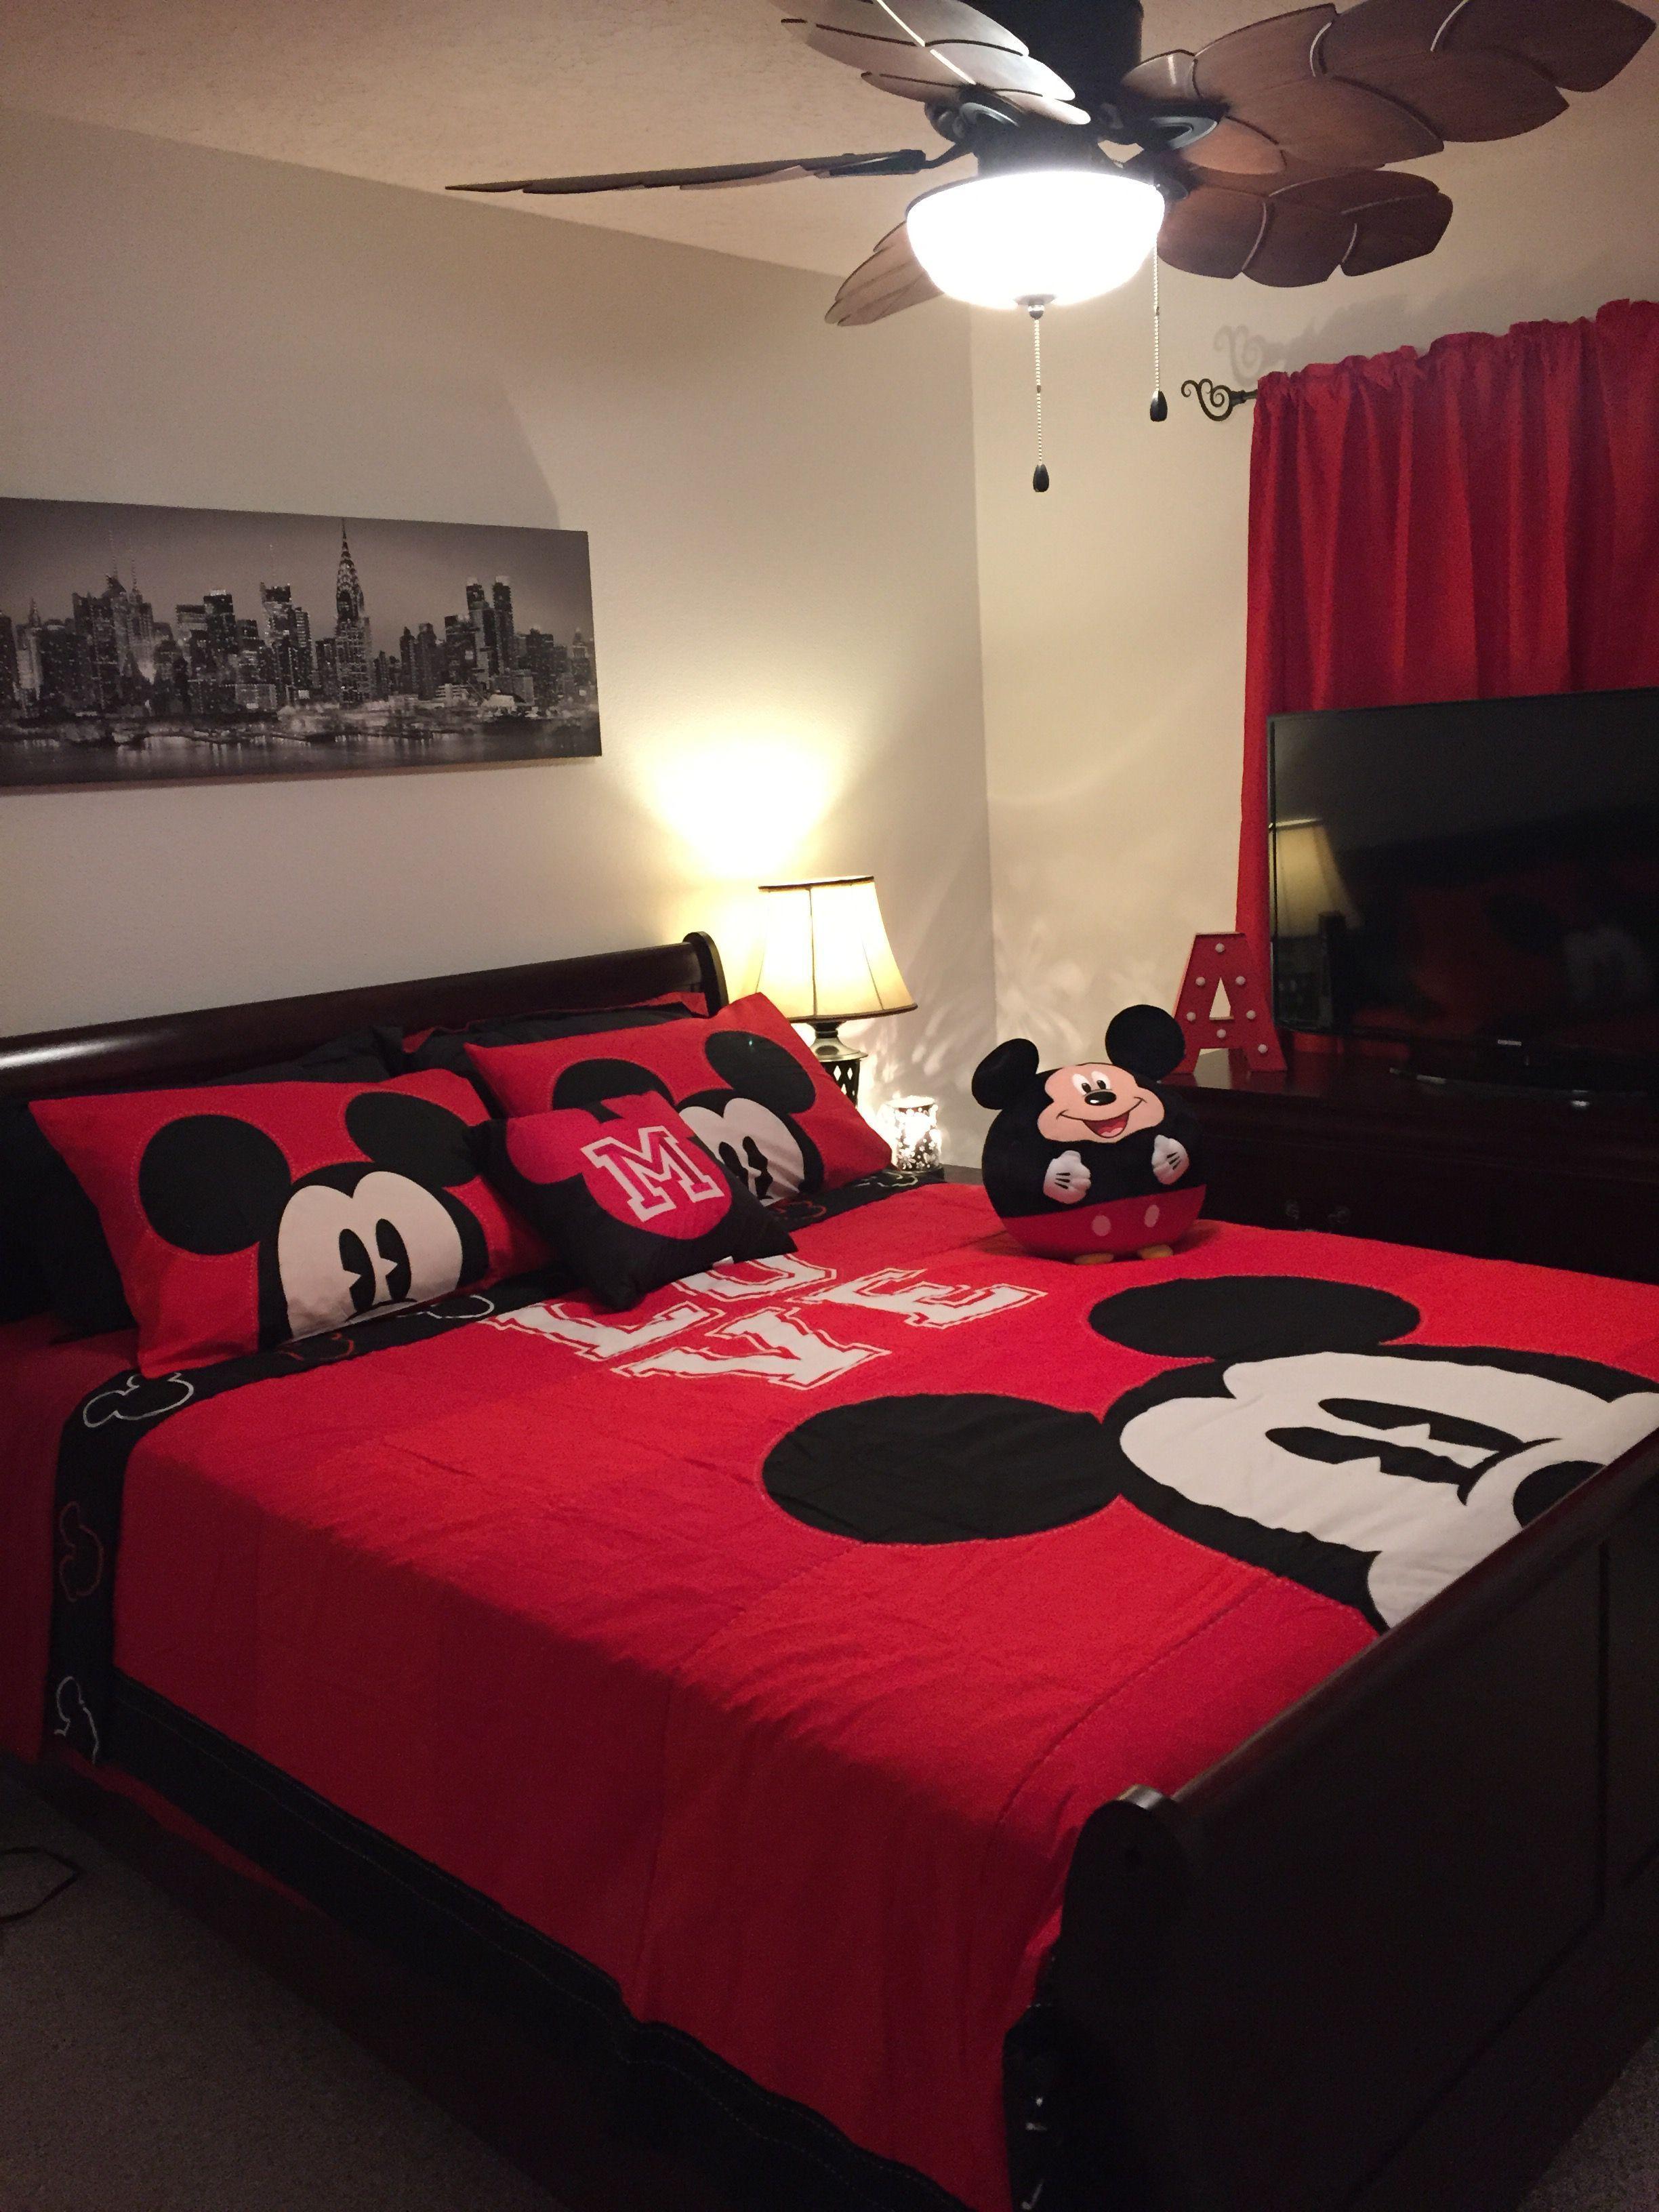 La segunda Habitación Tiene una Cama Queen, con Closed Amplio y Detalles de  Decoración, inspirados en Disney MIckey Vitage, Smart Tv, de 46